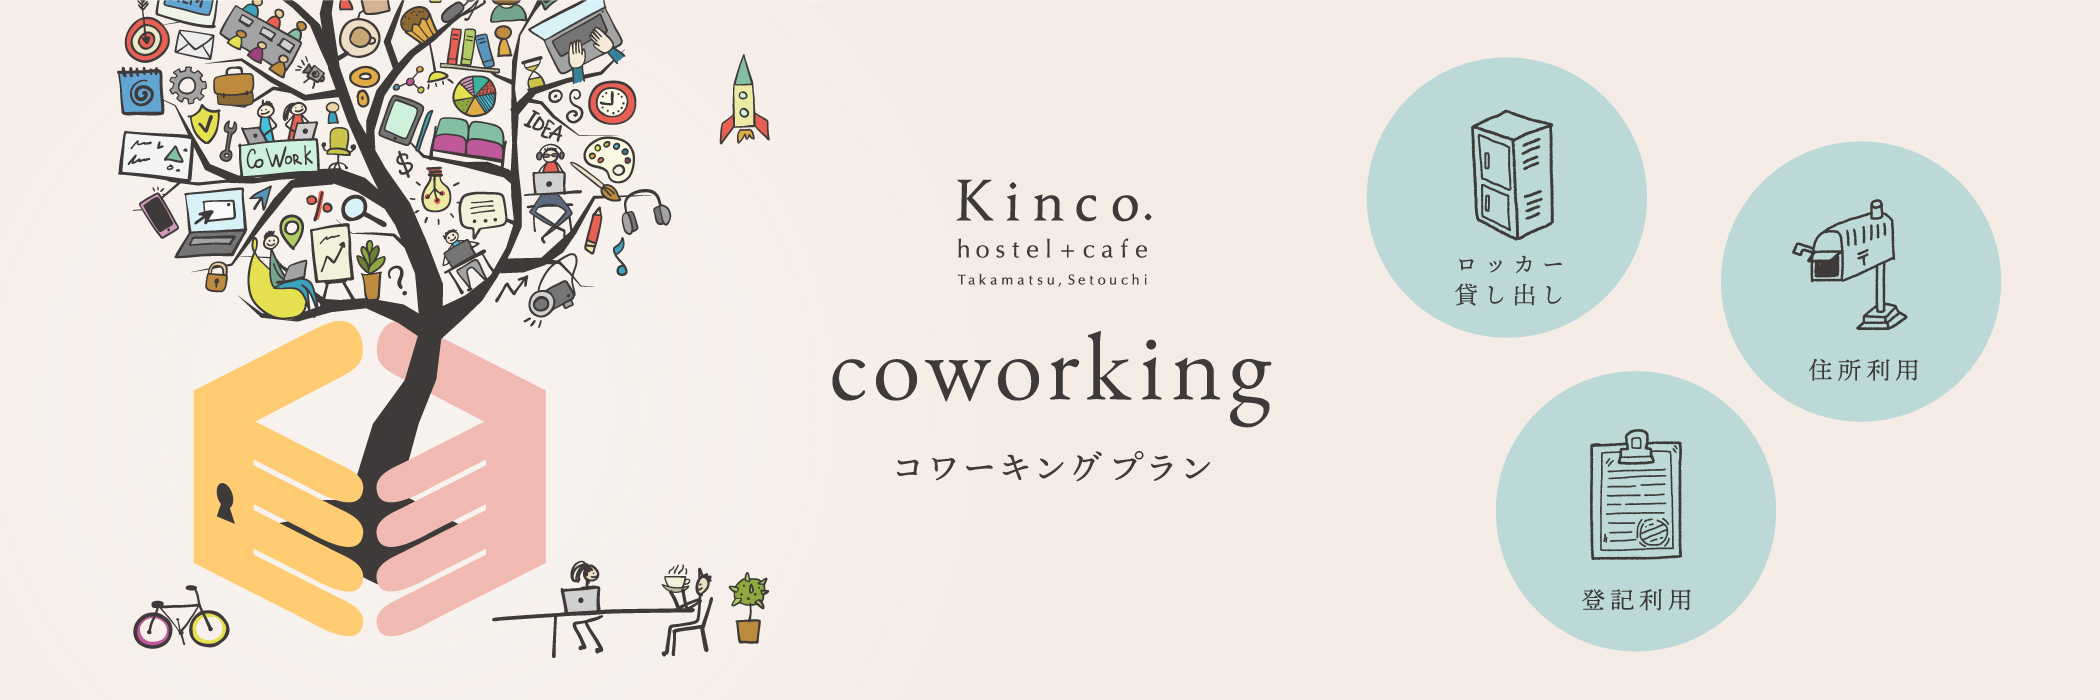 コワーキングプラン-Kinco. hostel+cafe Takamatsu